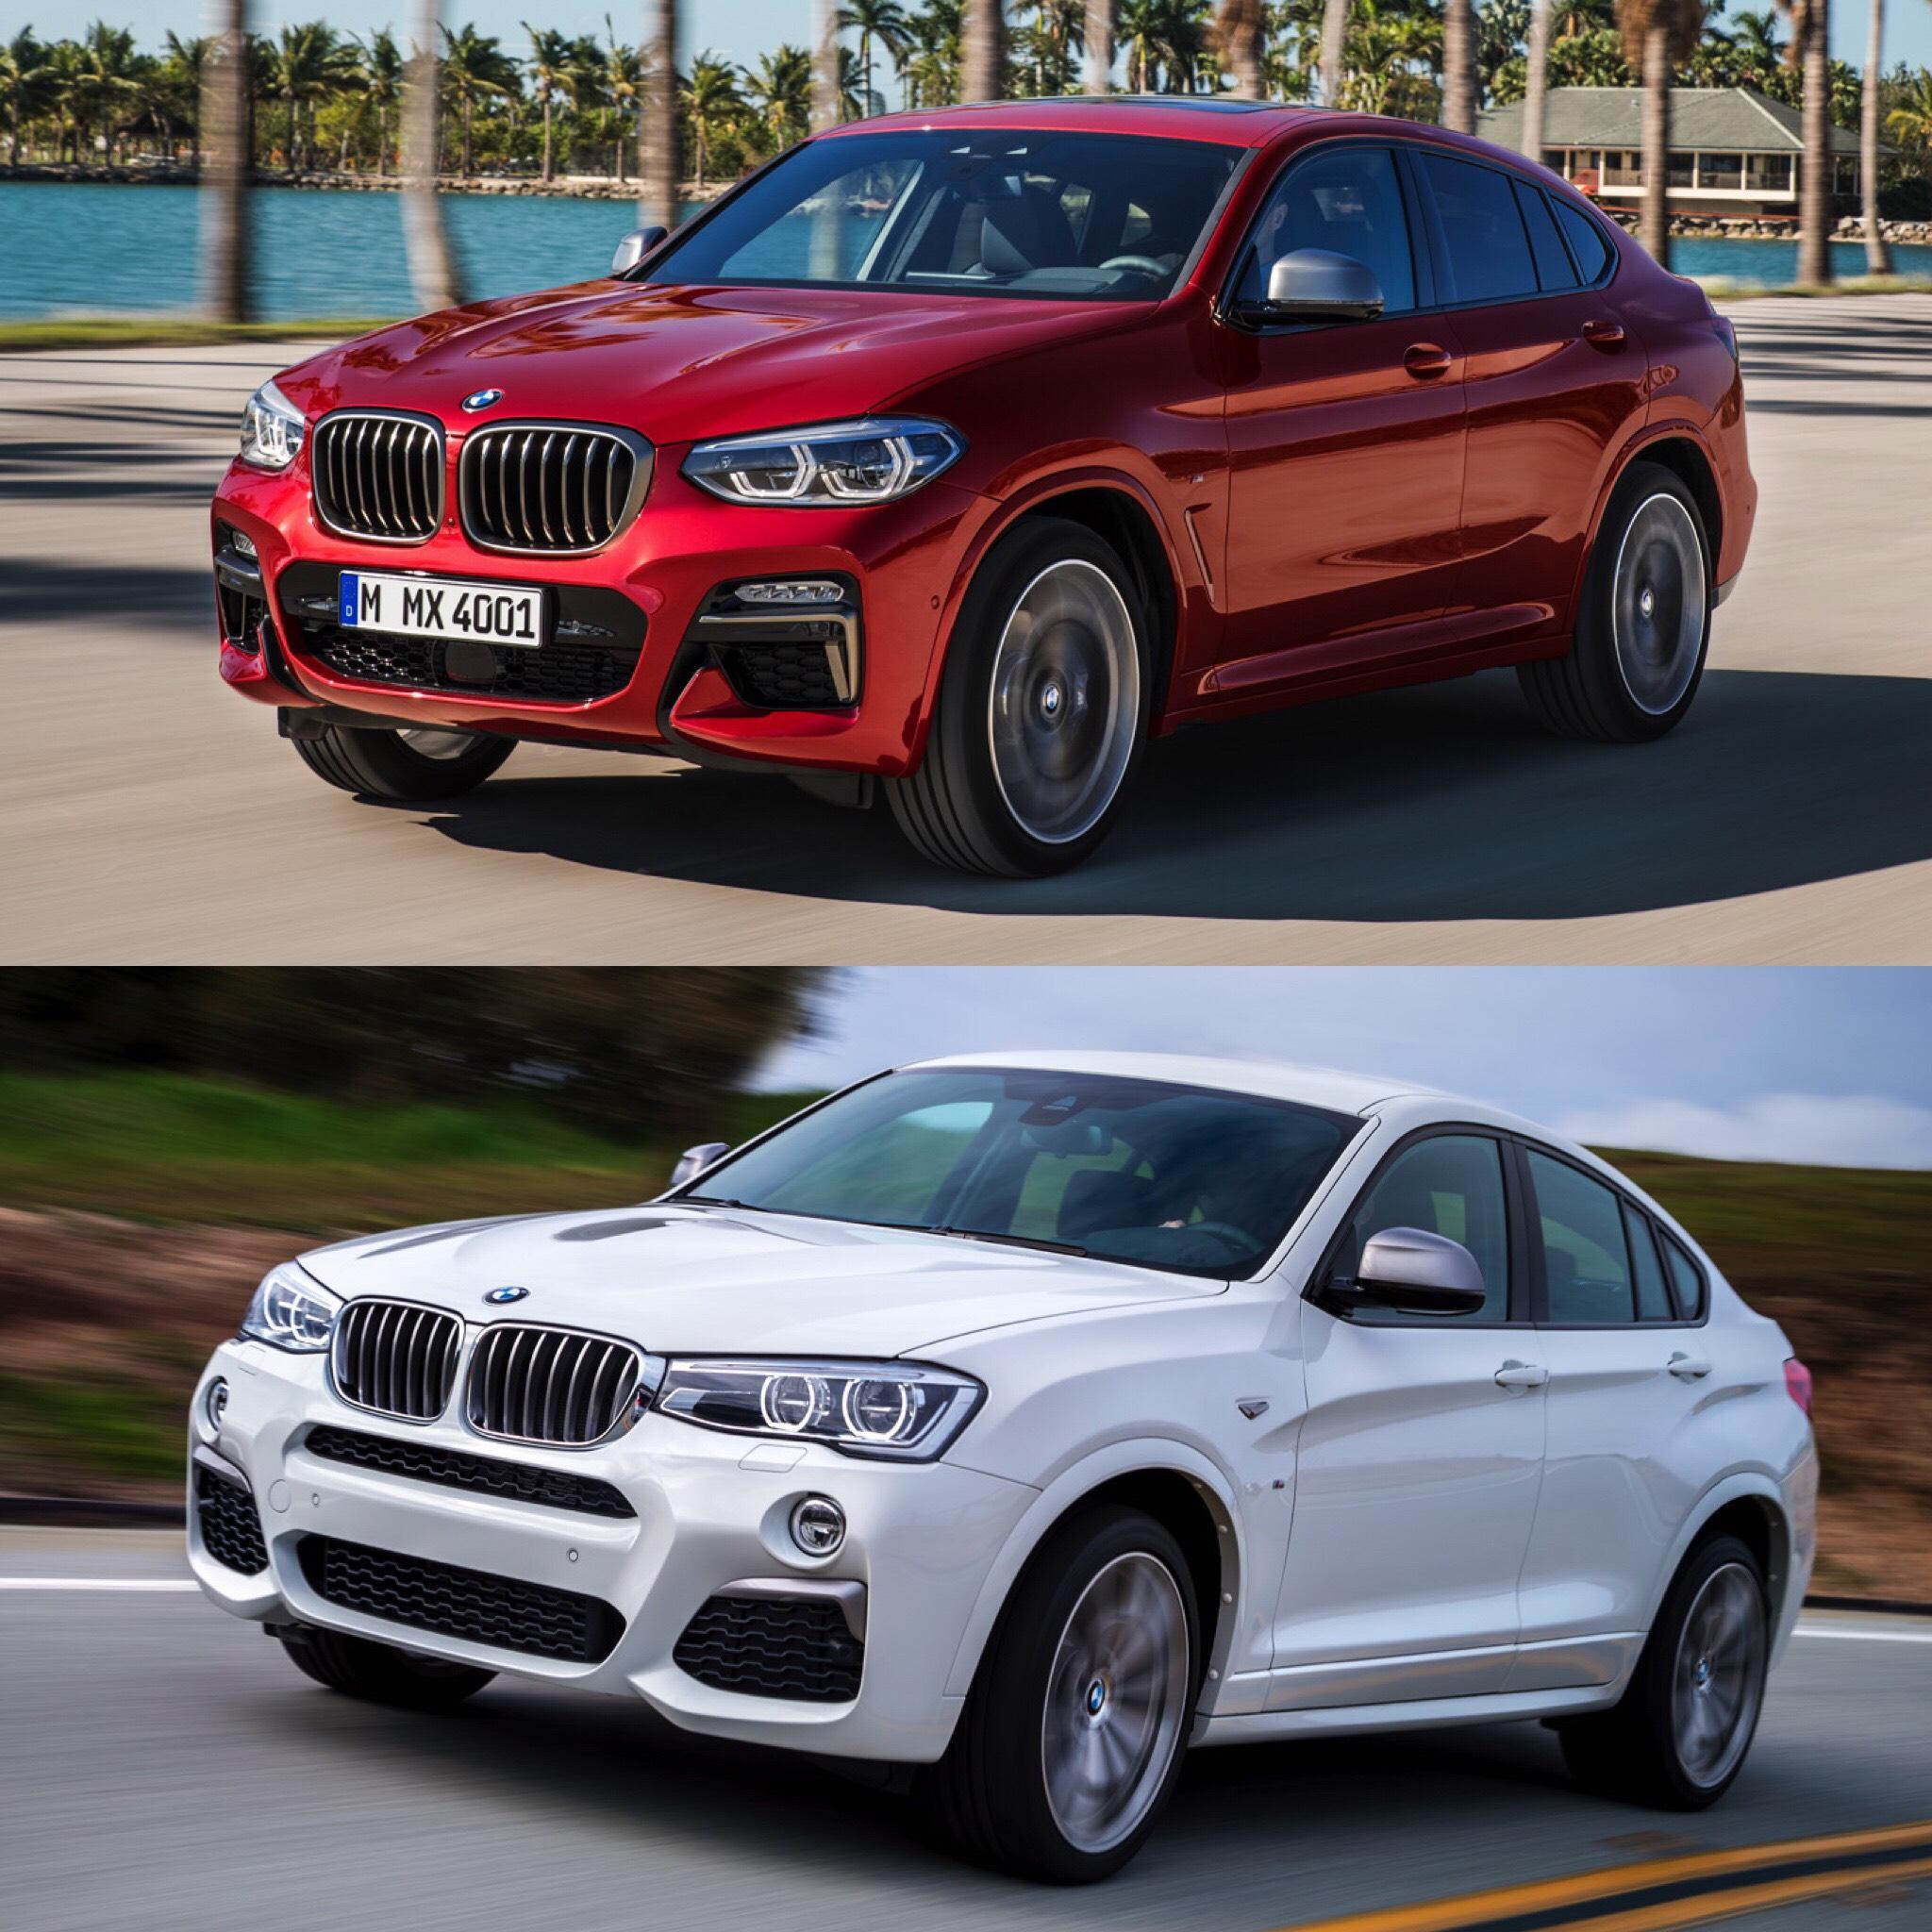 Bmw Z 8 For Sale: Photo Comparison: F26 BMW X4 Vs G02 BMW X4 -- Old Vs New